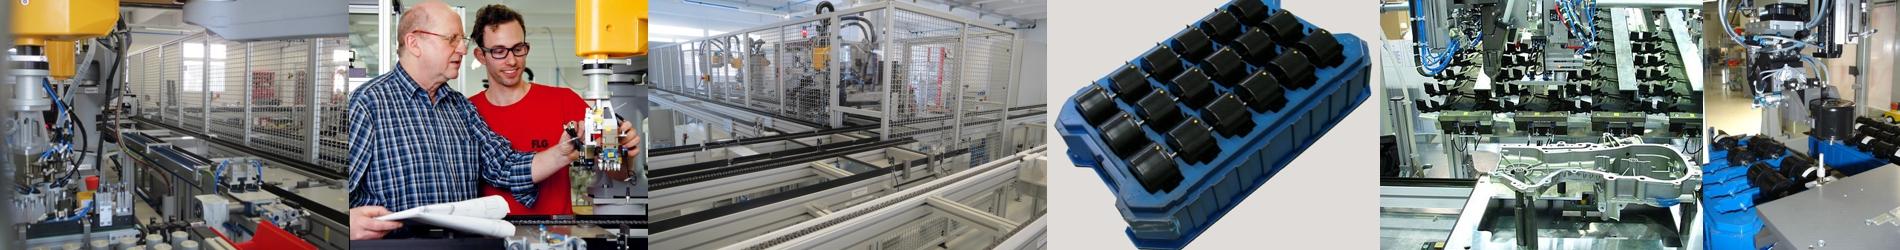 Vollautomatische Montage- und Handlingsysteme